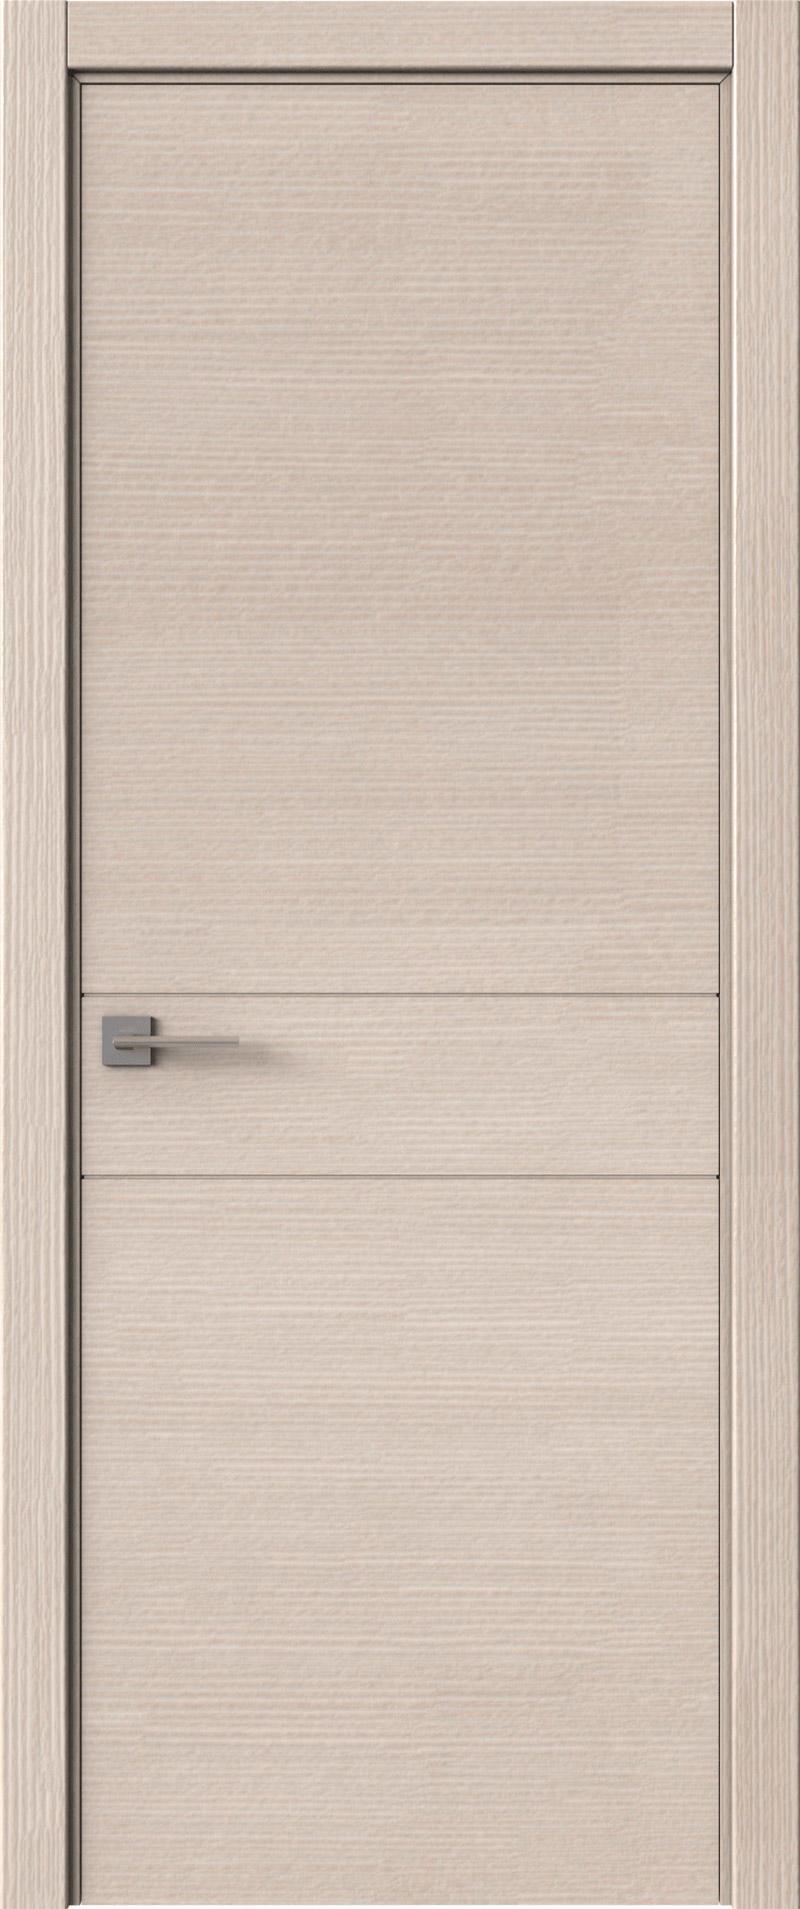 Tivoli И-2 цвет - Беленый дуб Без стекла (ДГ)